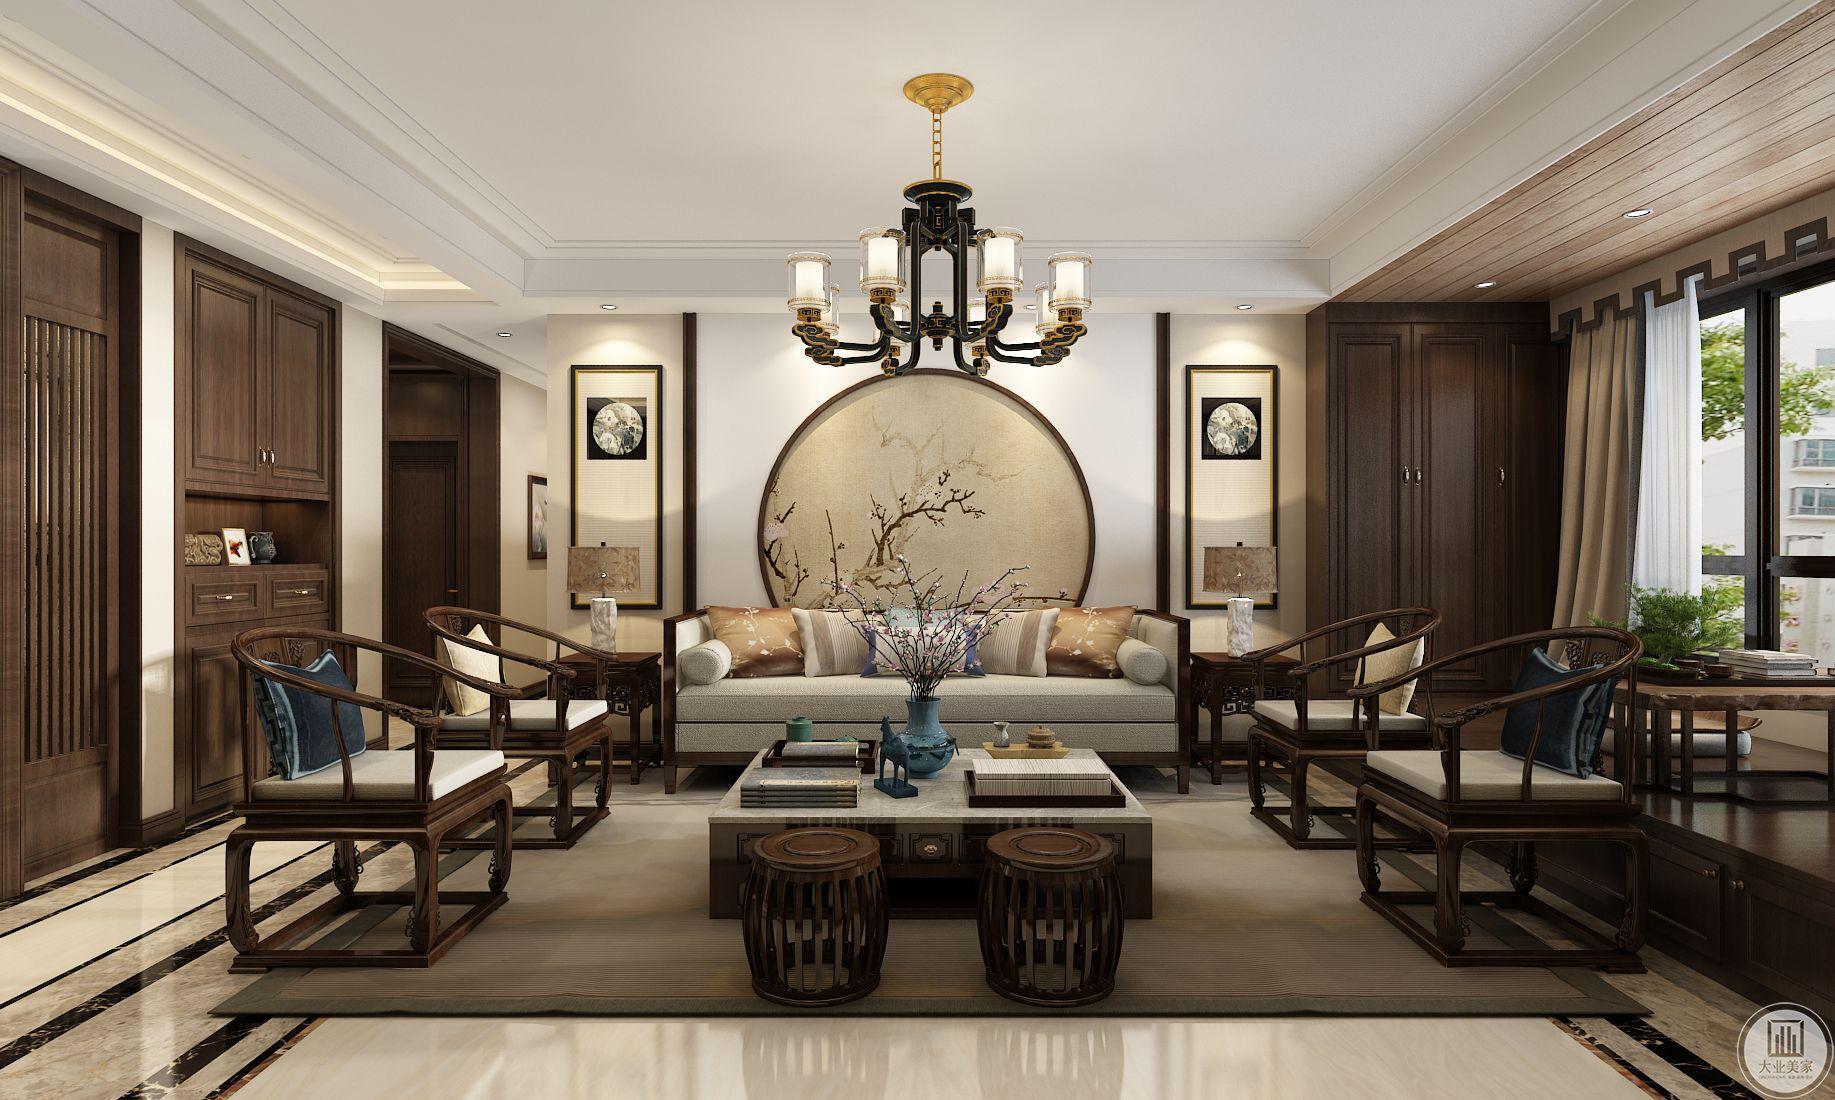 客厅装修效果图:地面瓷砖采用淡黄色,地毯使用浅棕色,沙发茶几都采用中式实木,沙发背景墙主要采用花鸟背景,